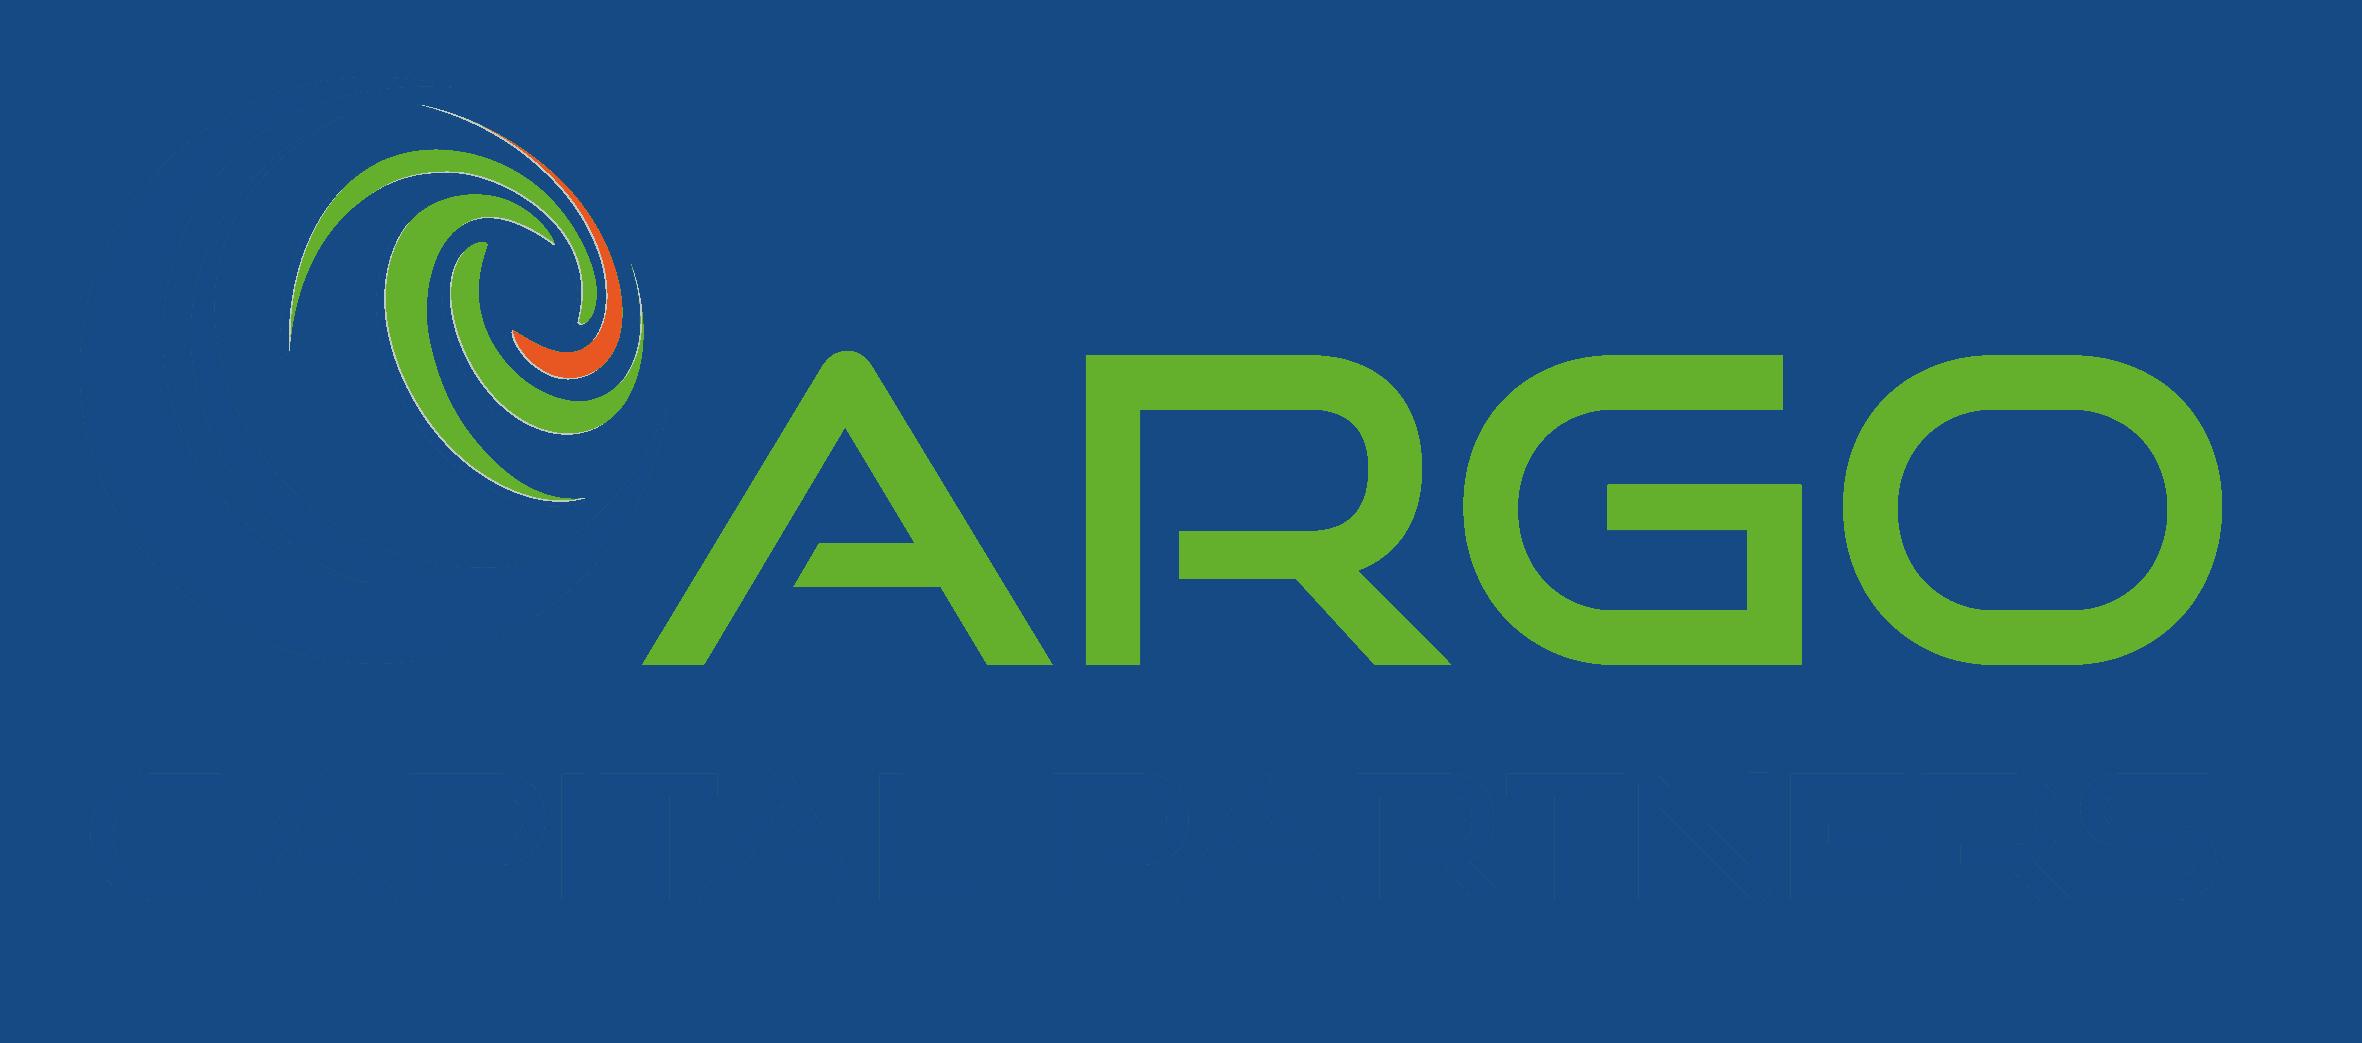 Argo Capital | Capital-investissement · Investissement d'impact · Transition énergétique · Économie à faibles émissions de carbone